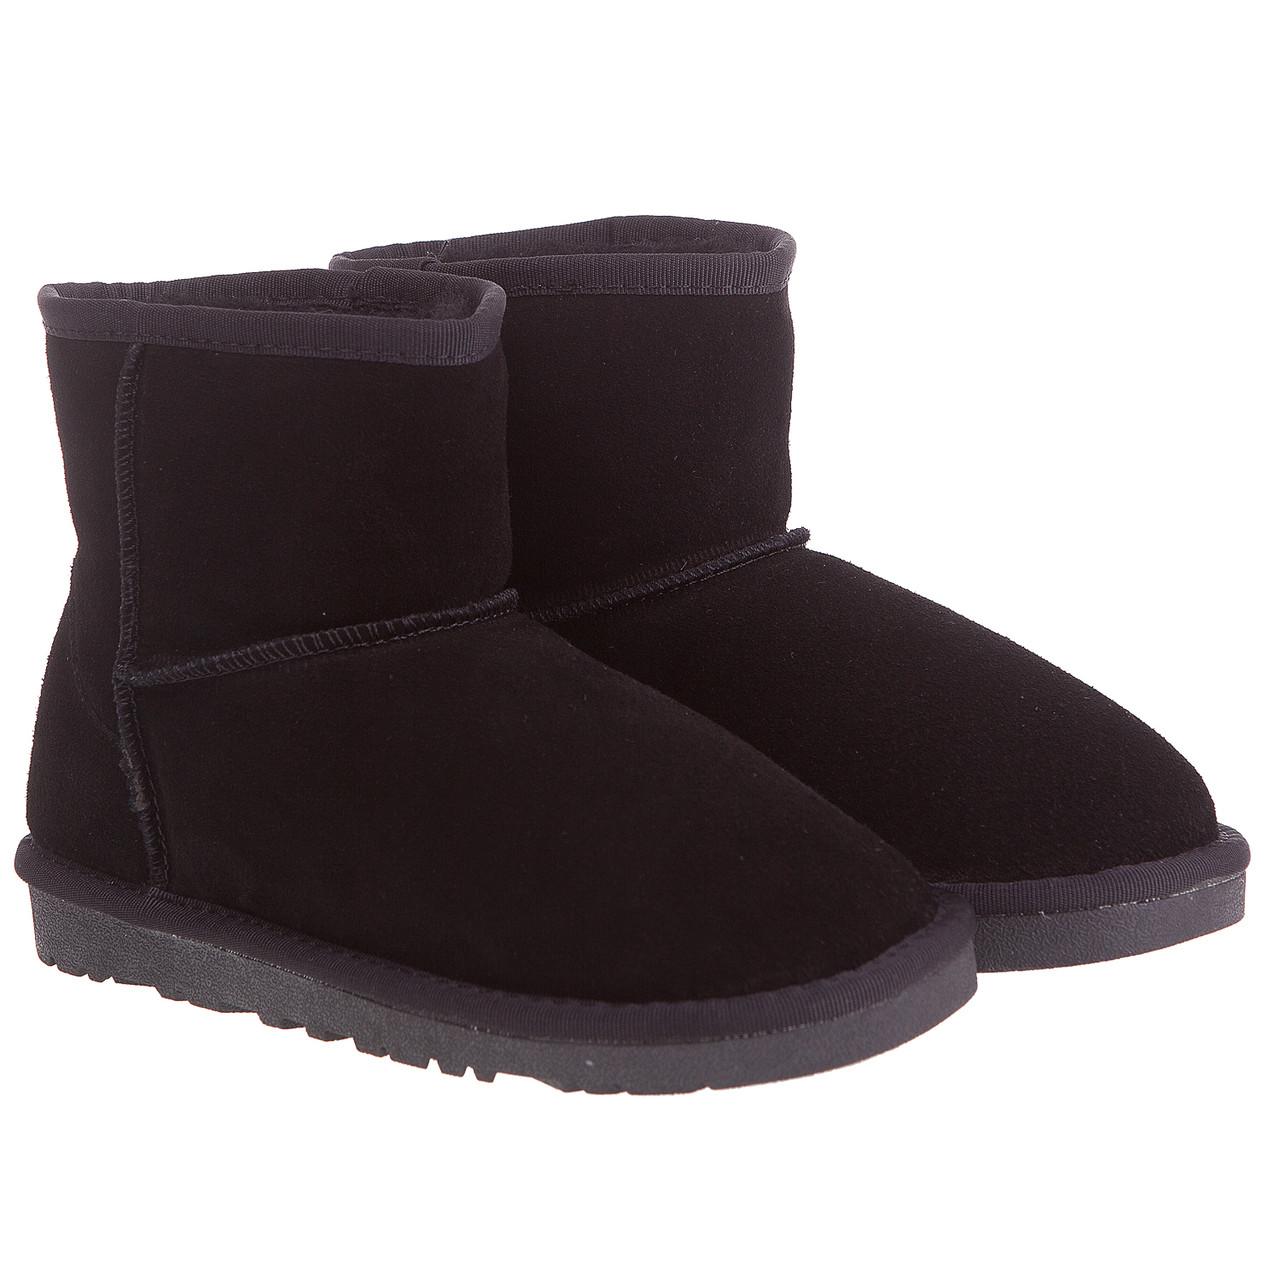 купить женскую зимнюю обувь недорого в украине в интернет магазине Мариго